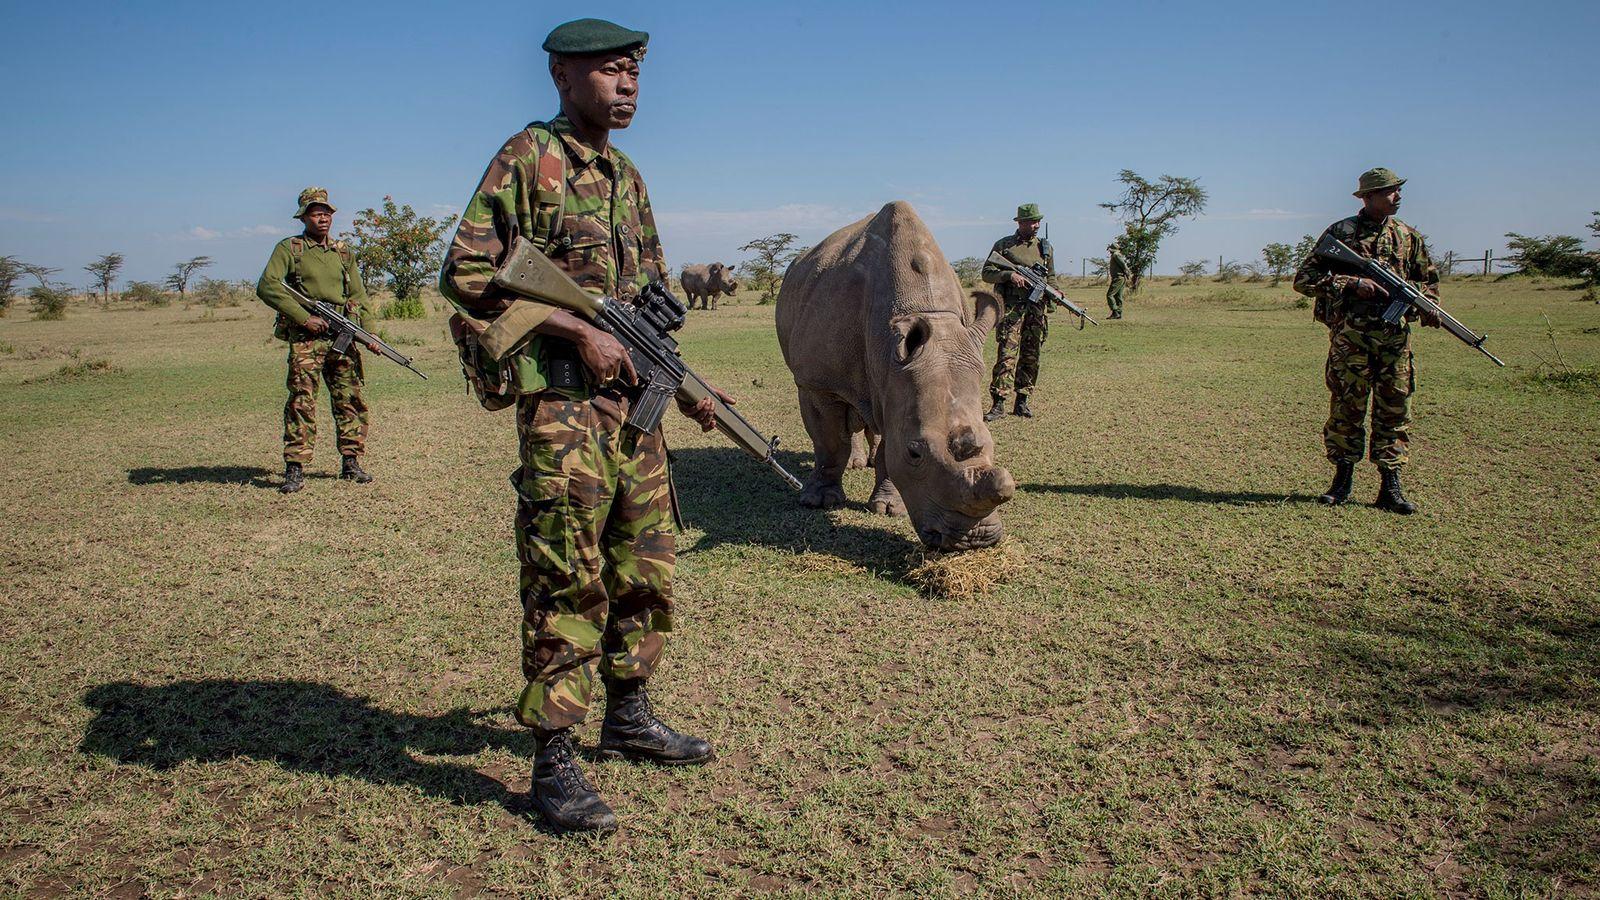 Nördlicher Breitmaulnashorn von bewaffneten Wachen beschützt.